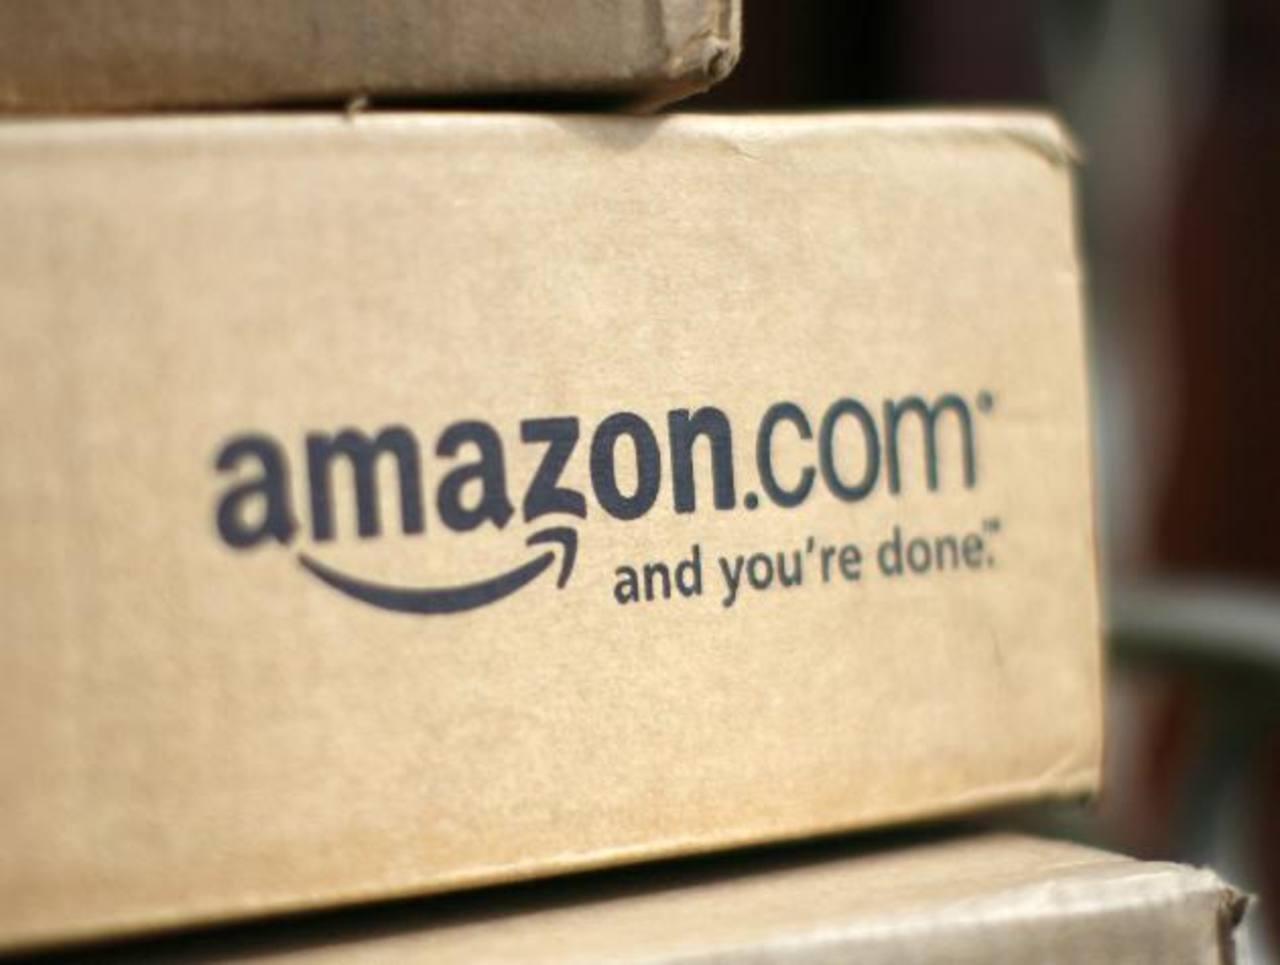 Amazon tiene un área de operaciones de 28,522 metros cuadrados en Costa Rica.